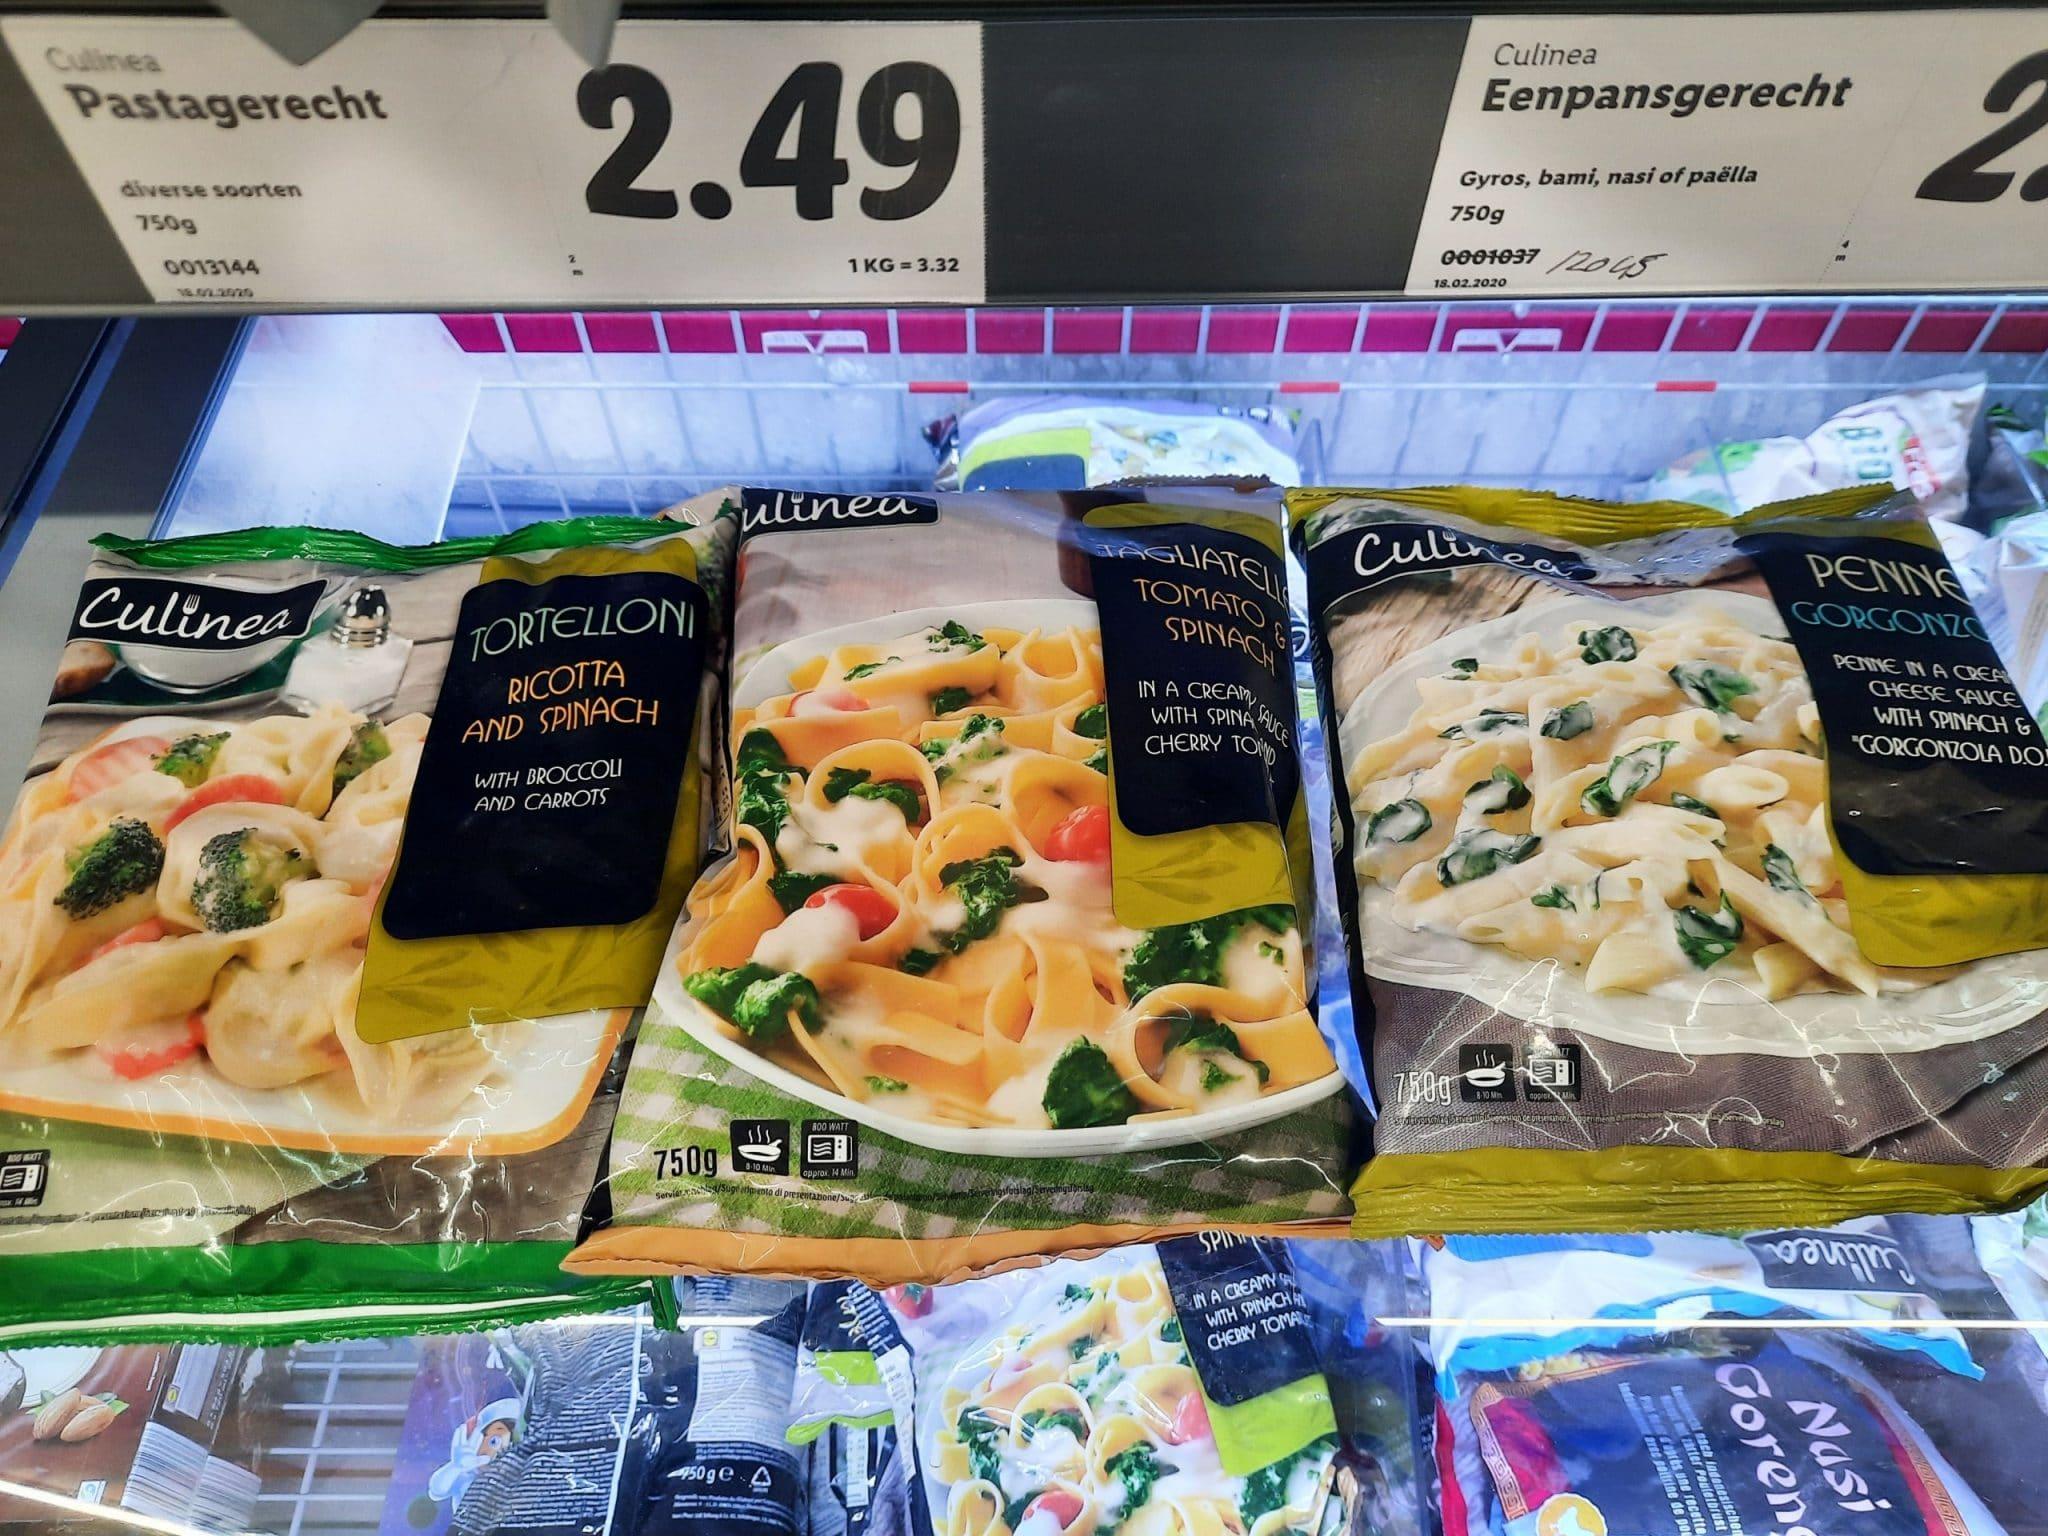 Pasta's in de supermarkt